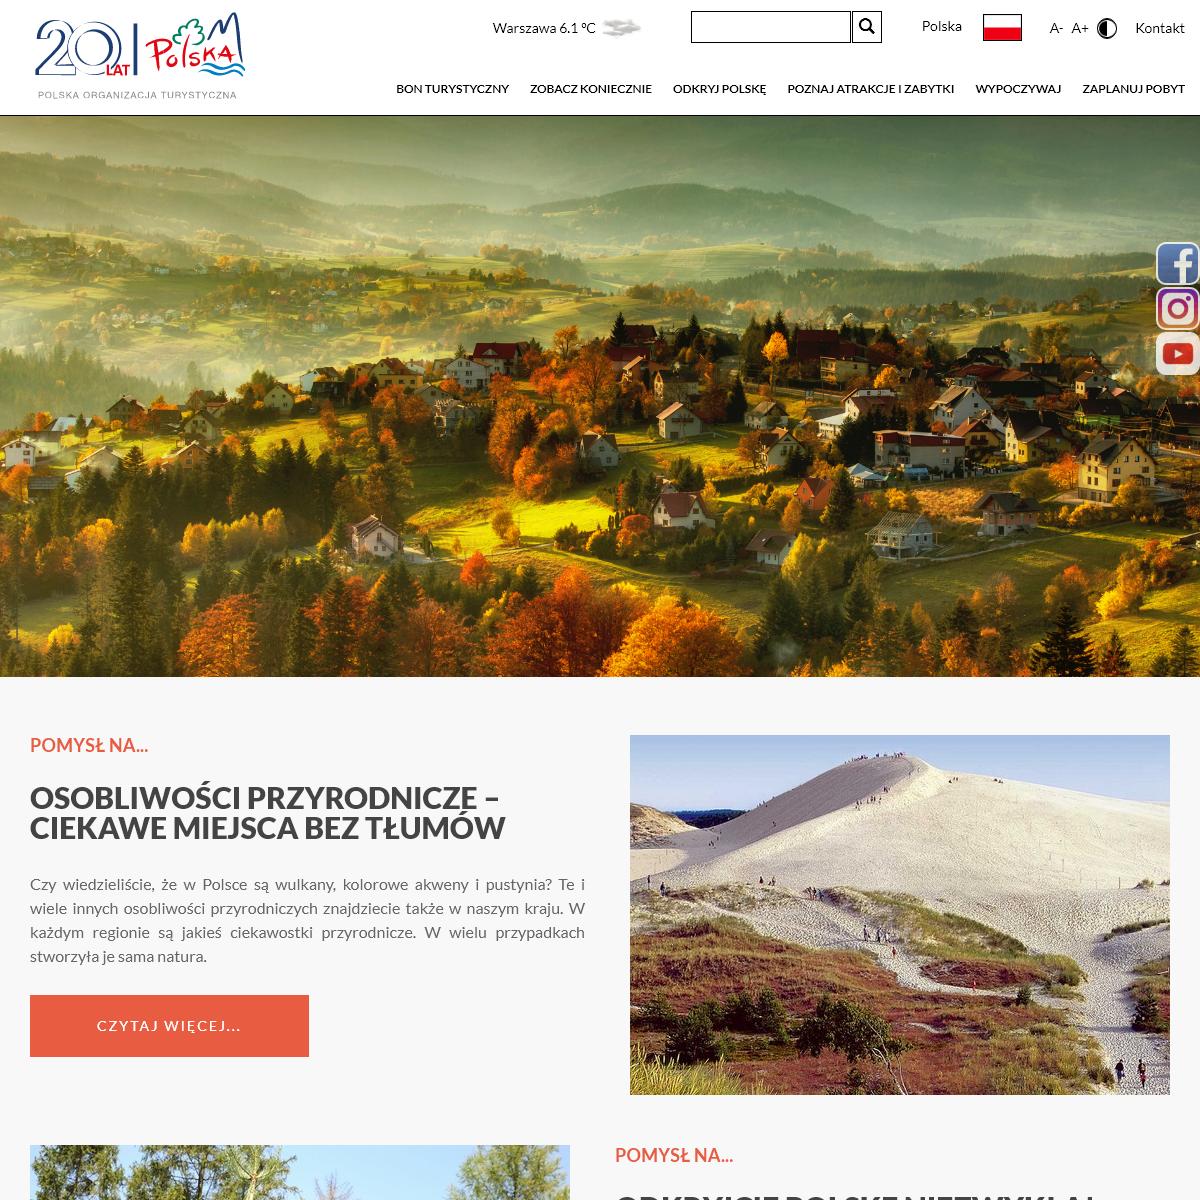 #polskatravel- zwiedzaj miasta, regiony, zabytki i atrakcje w Polsce